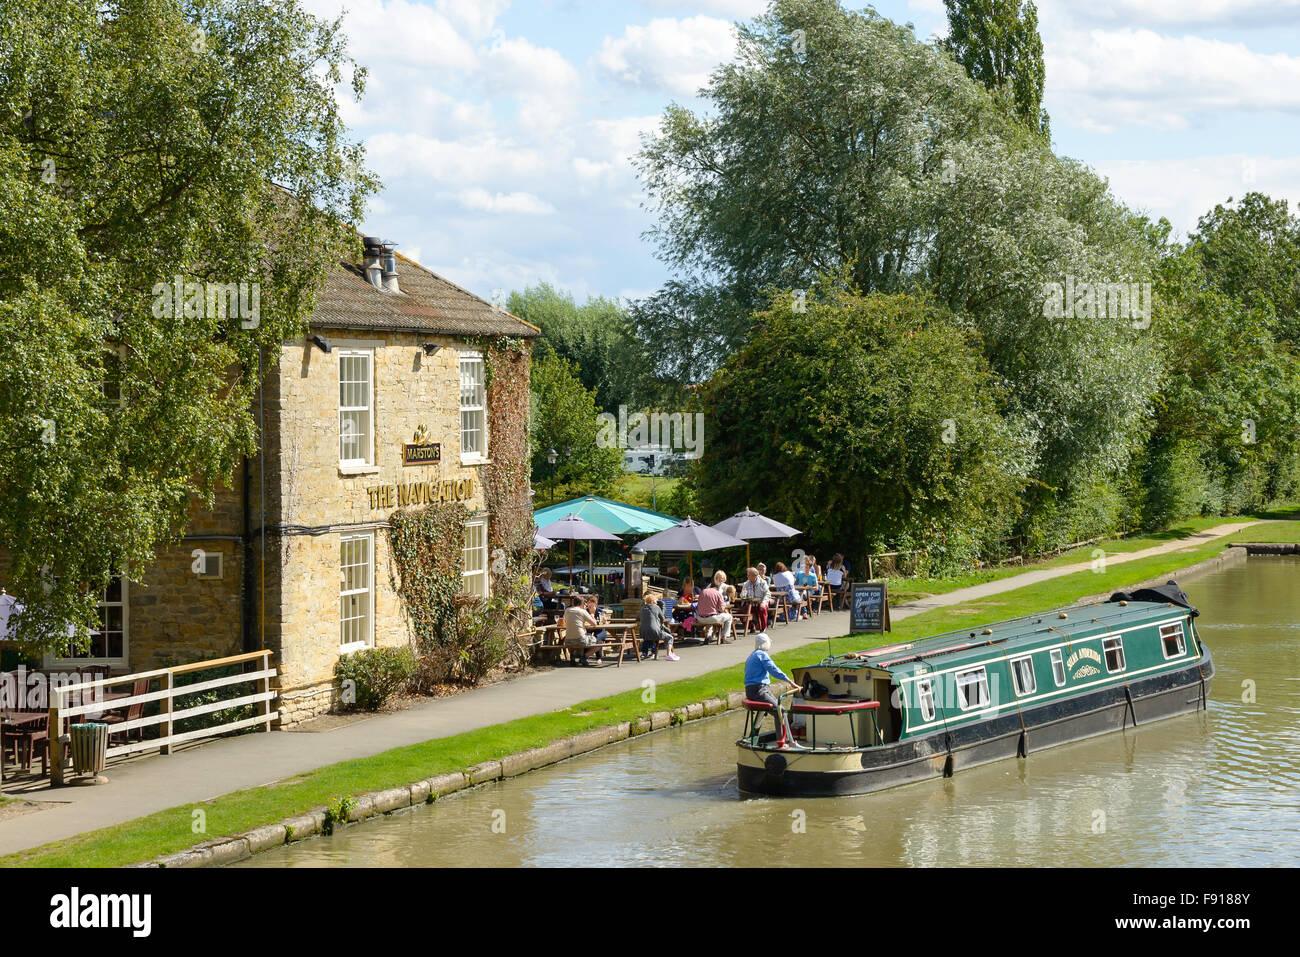 Il Pub di navigazione sul Grand Union Canal, Stoke Bruerne, Northamptonshire, England, Regno Unito Immagini Stock